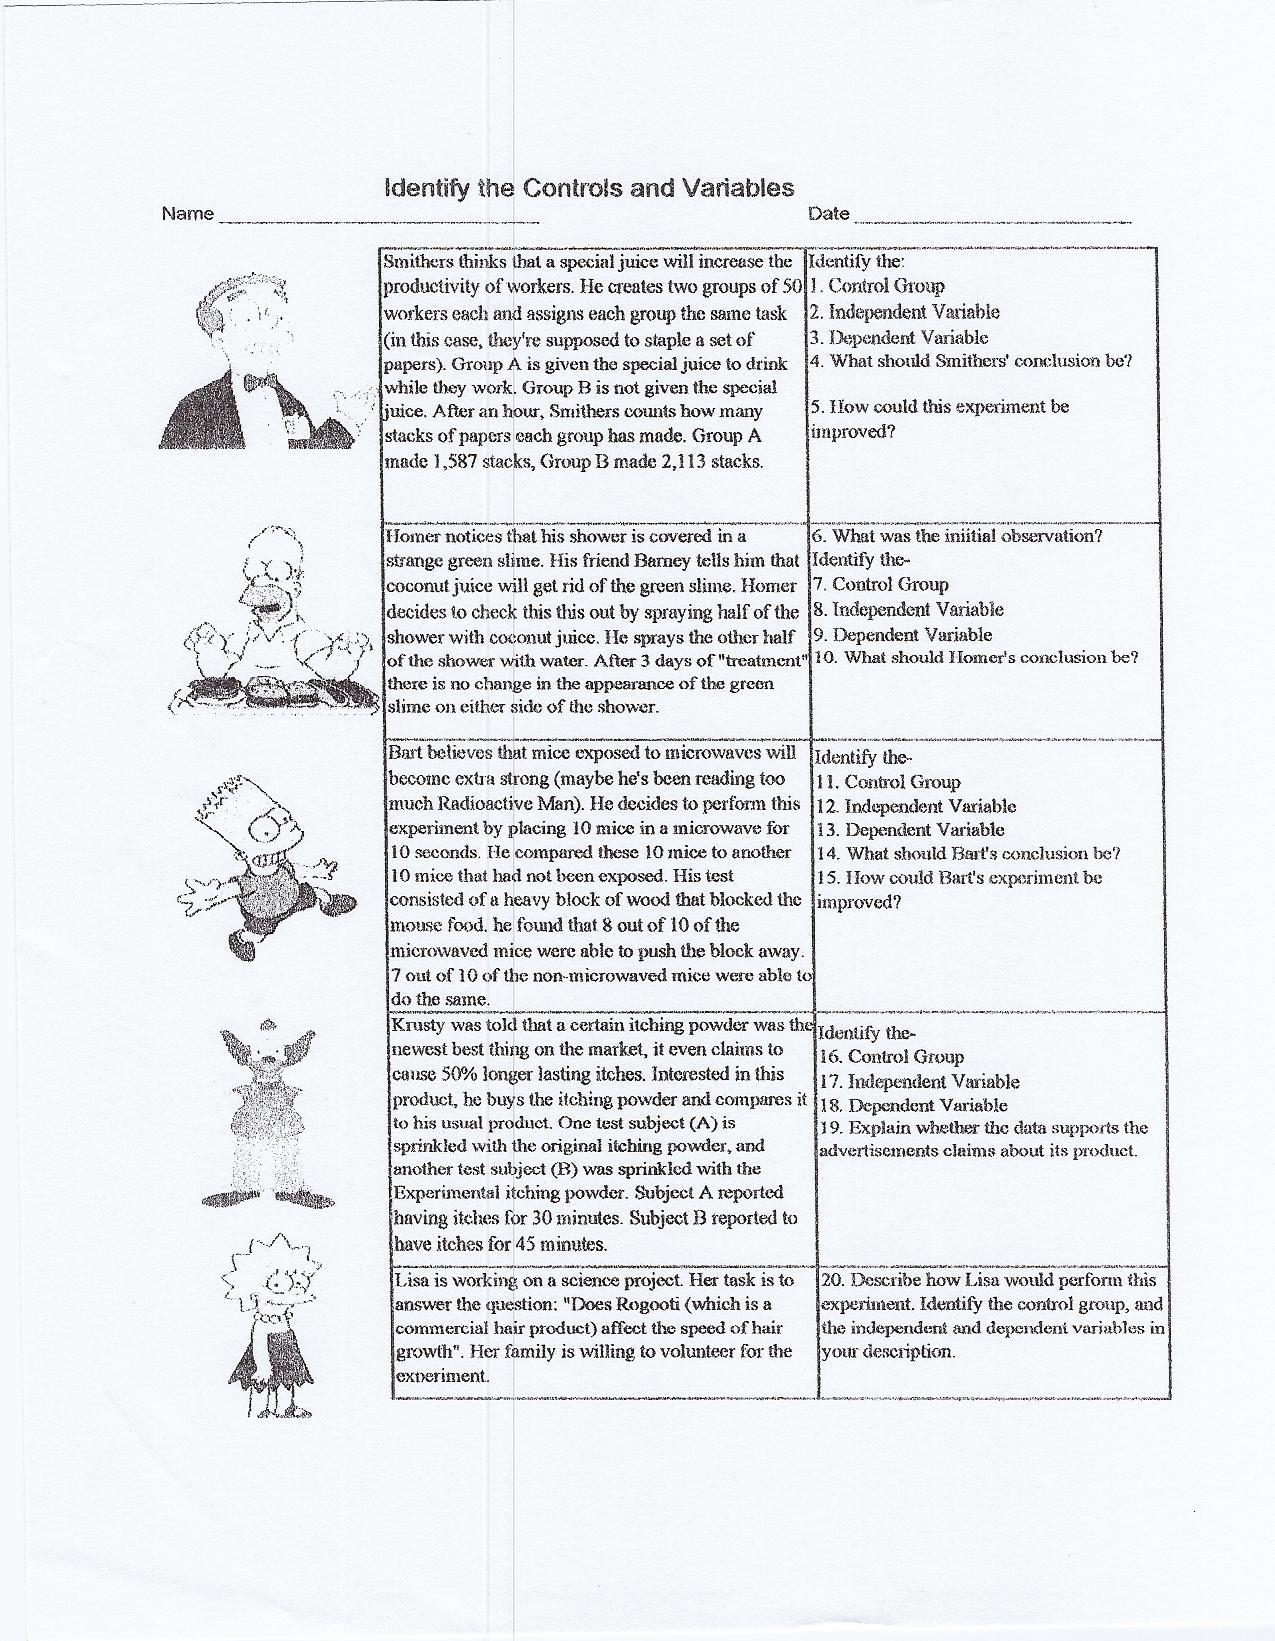 Scientific Method Examples Worksheet Scientific Method Practice Worksheet Answers Nidecmege